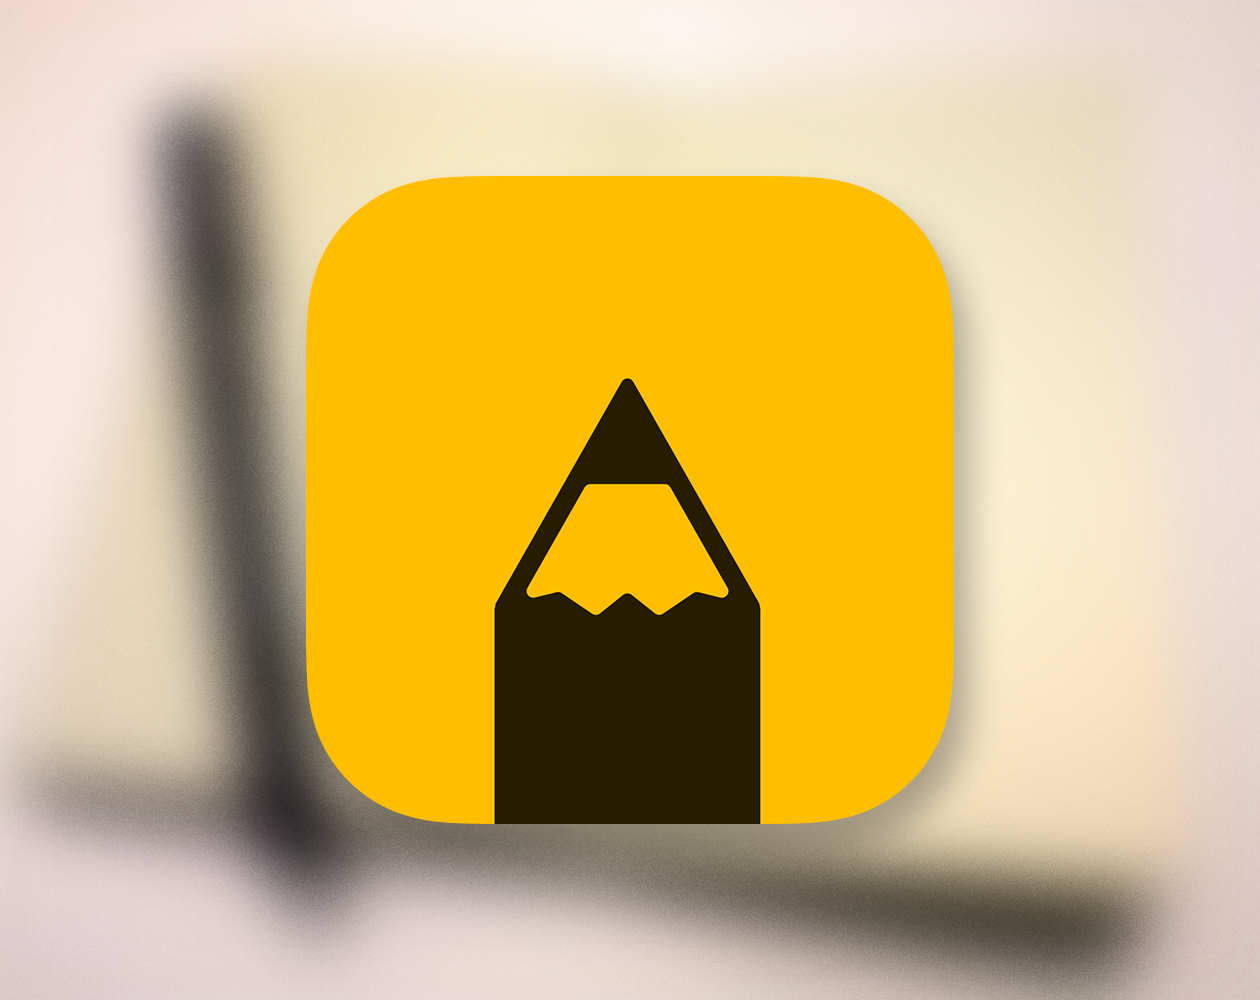 Neato для iPhone — виджет для самых быстрых заметок